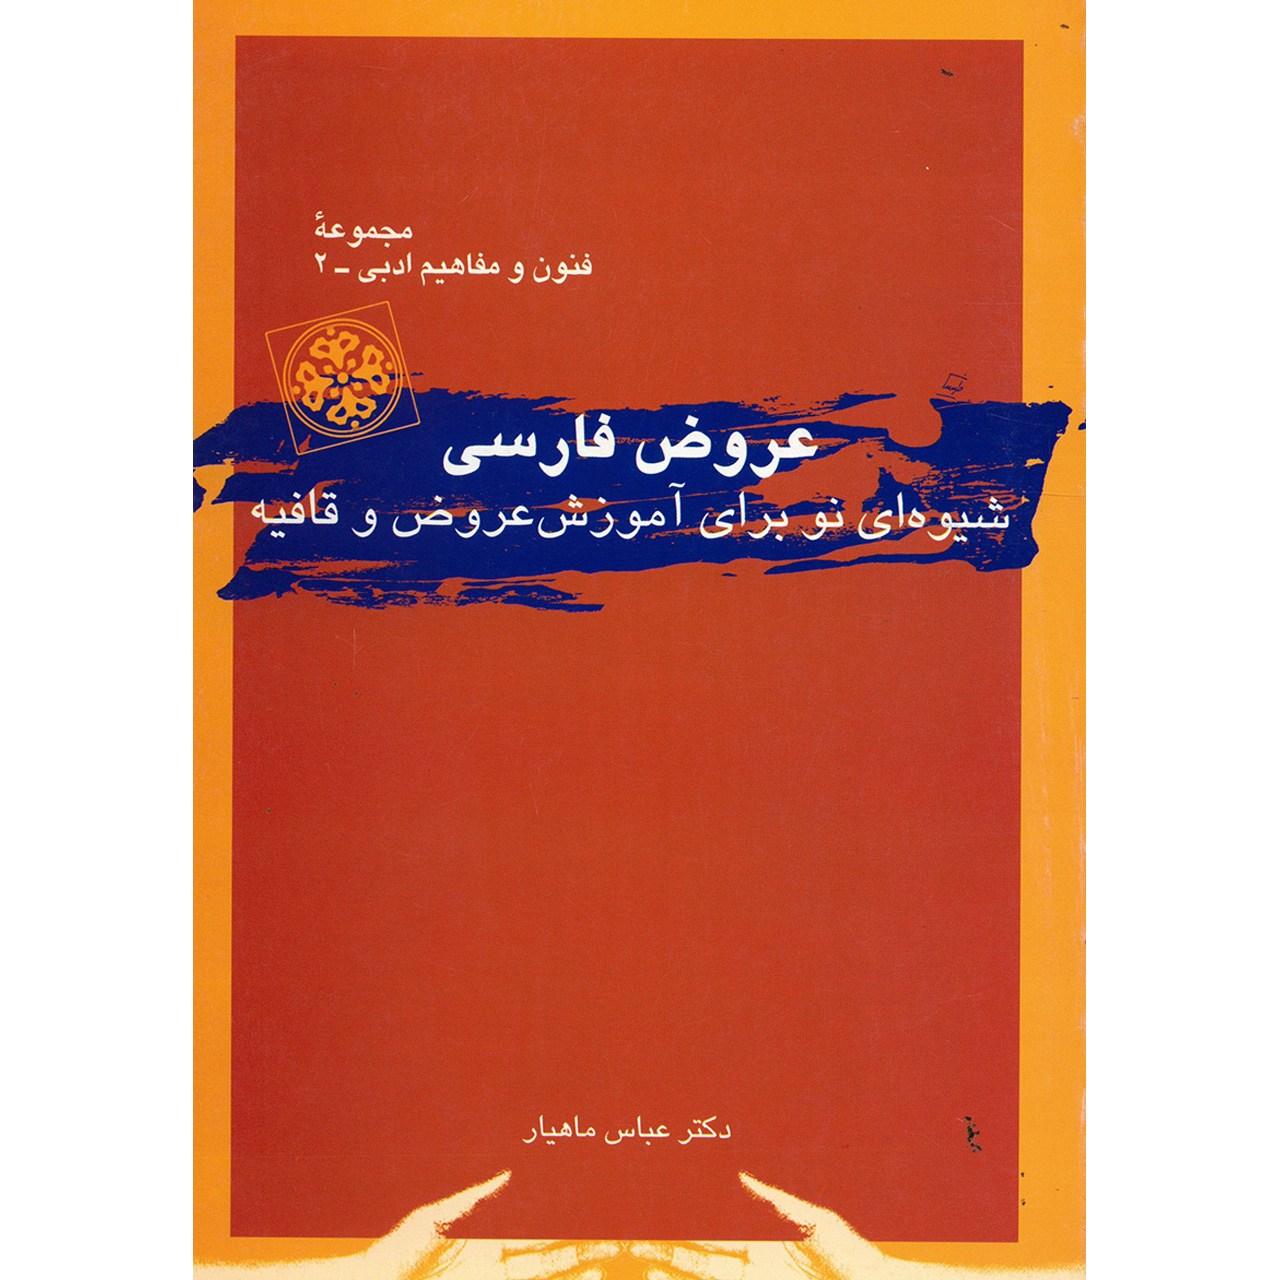 خرید                      کتاب عروض فارسی اثر عباس ماهیار